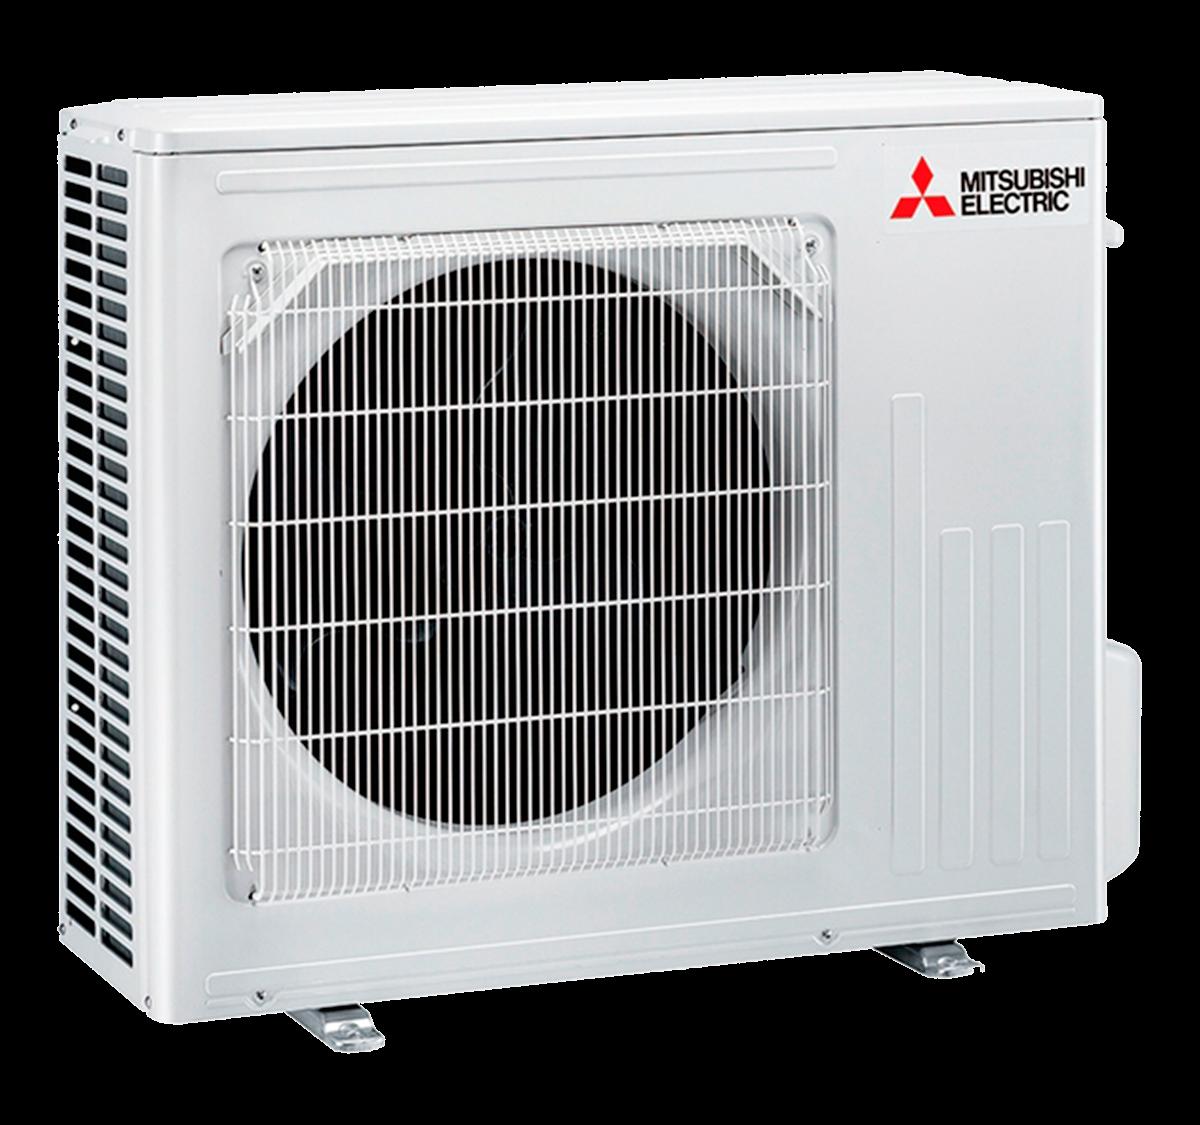 aire acondicionado unidad exterior mitsubishi electric inverter muz ln50vg serie kirigamine style modelo msz ln50vgv precio incluido instalacion caseragua 01